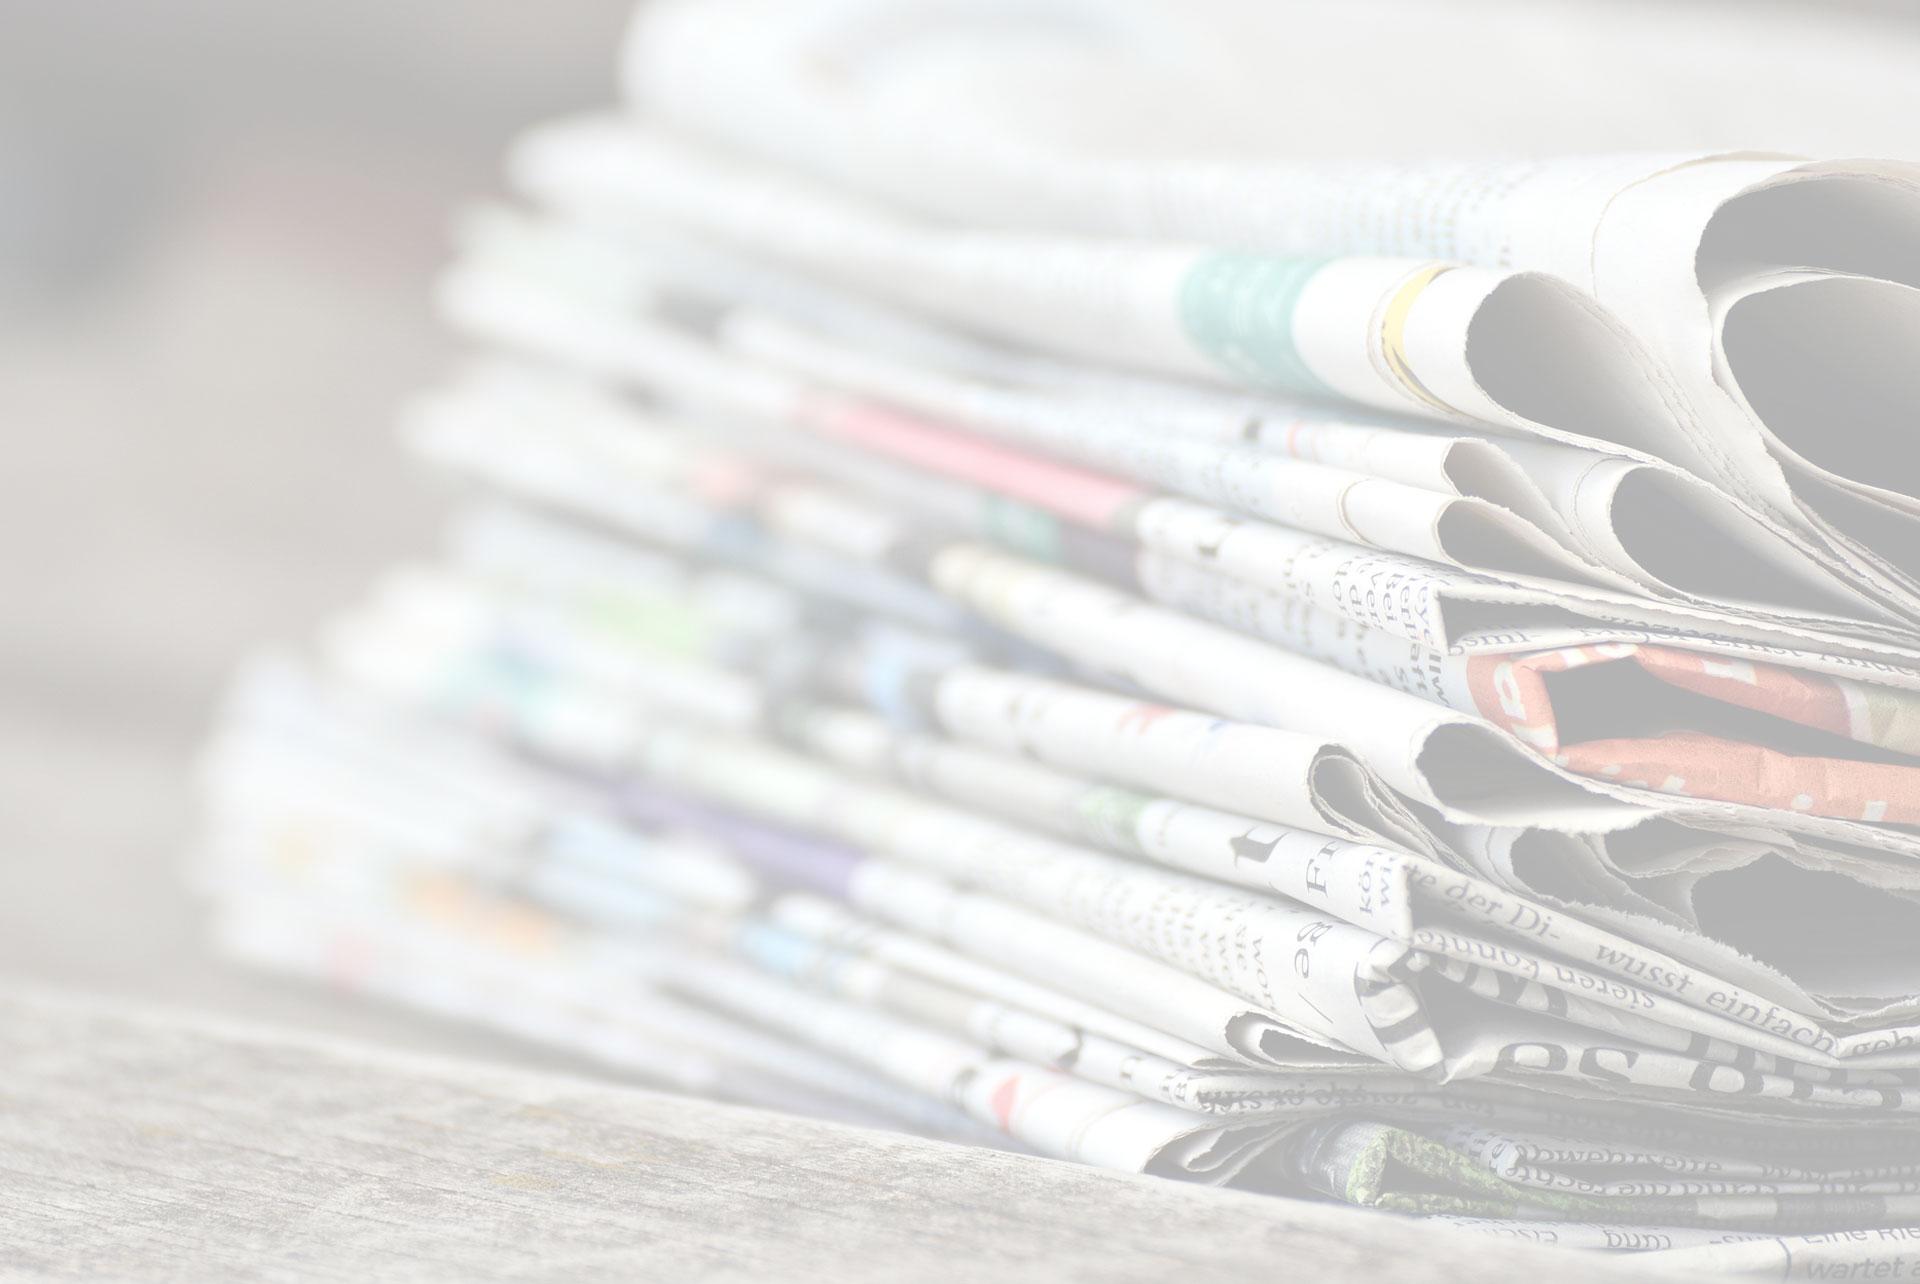 Coppi e Gino Bartali